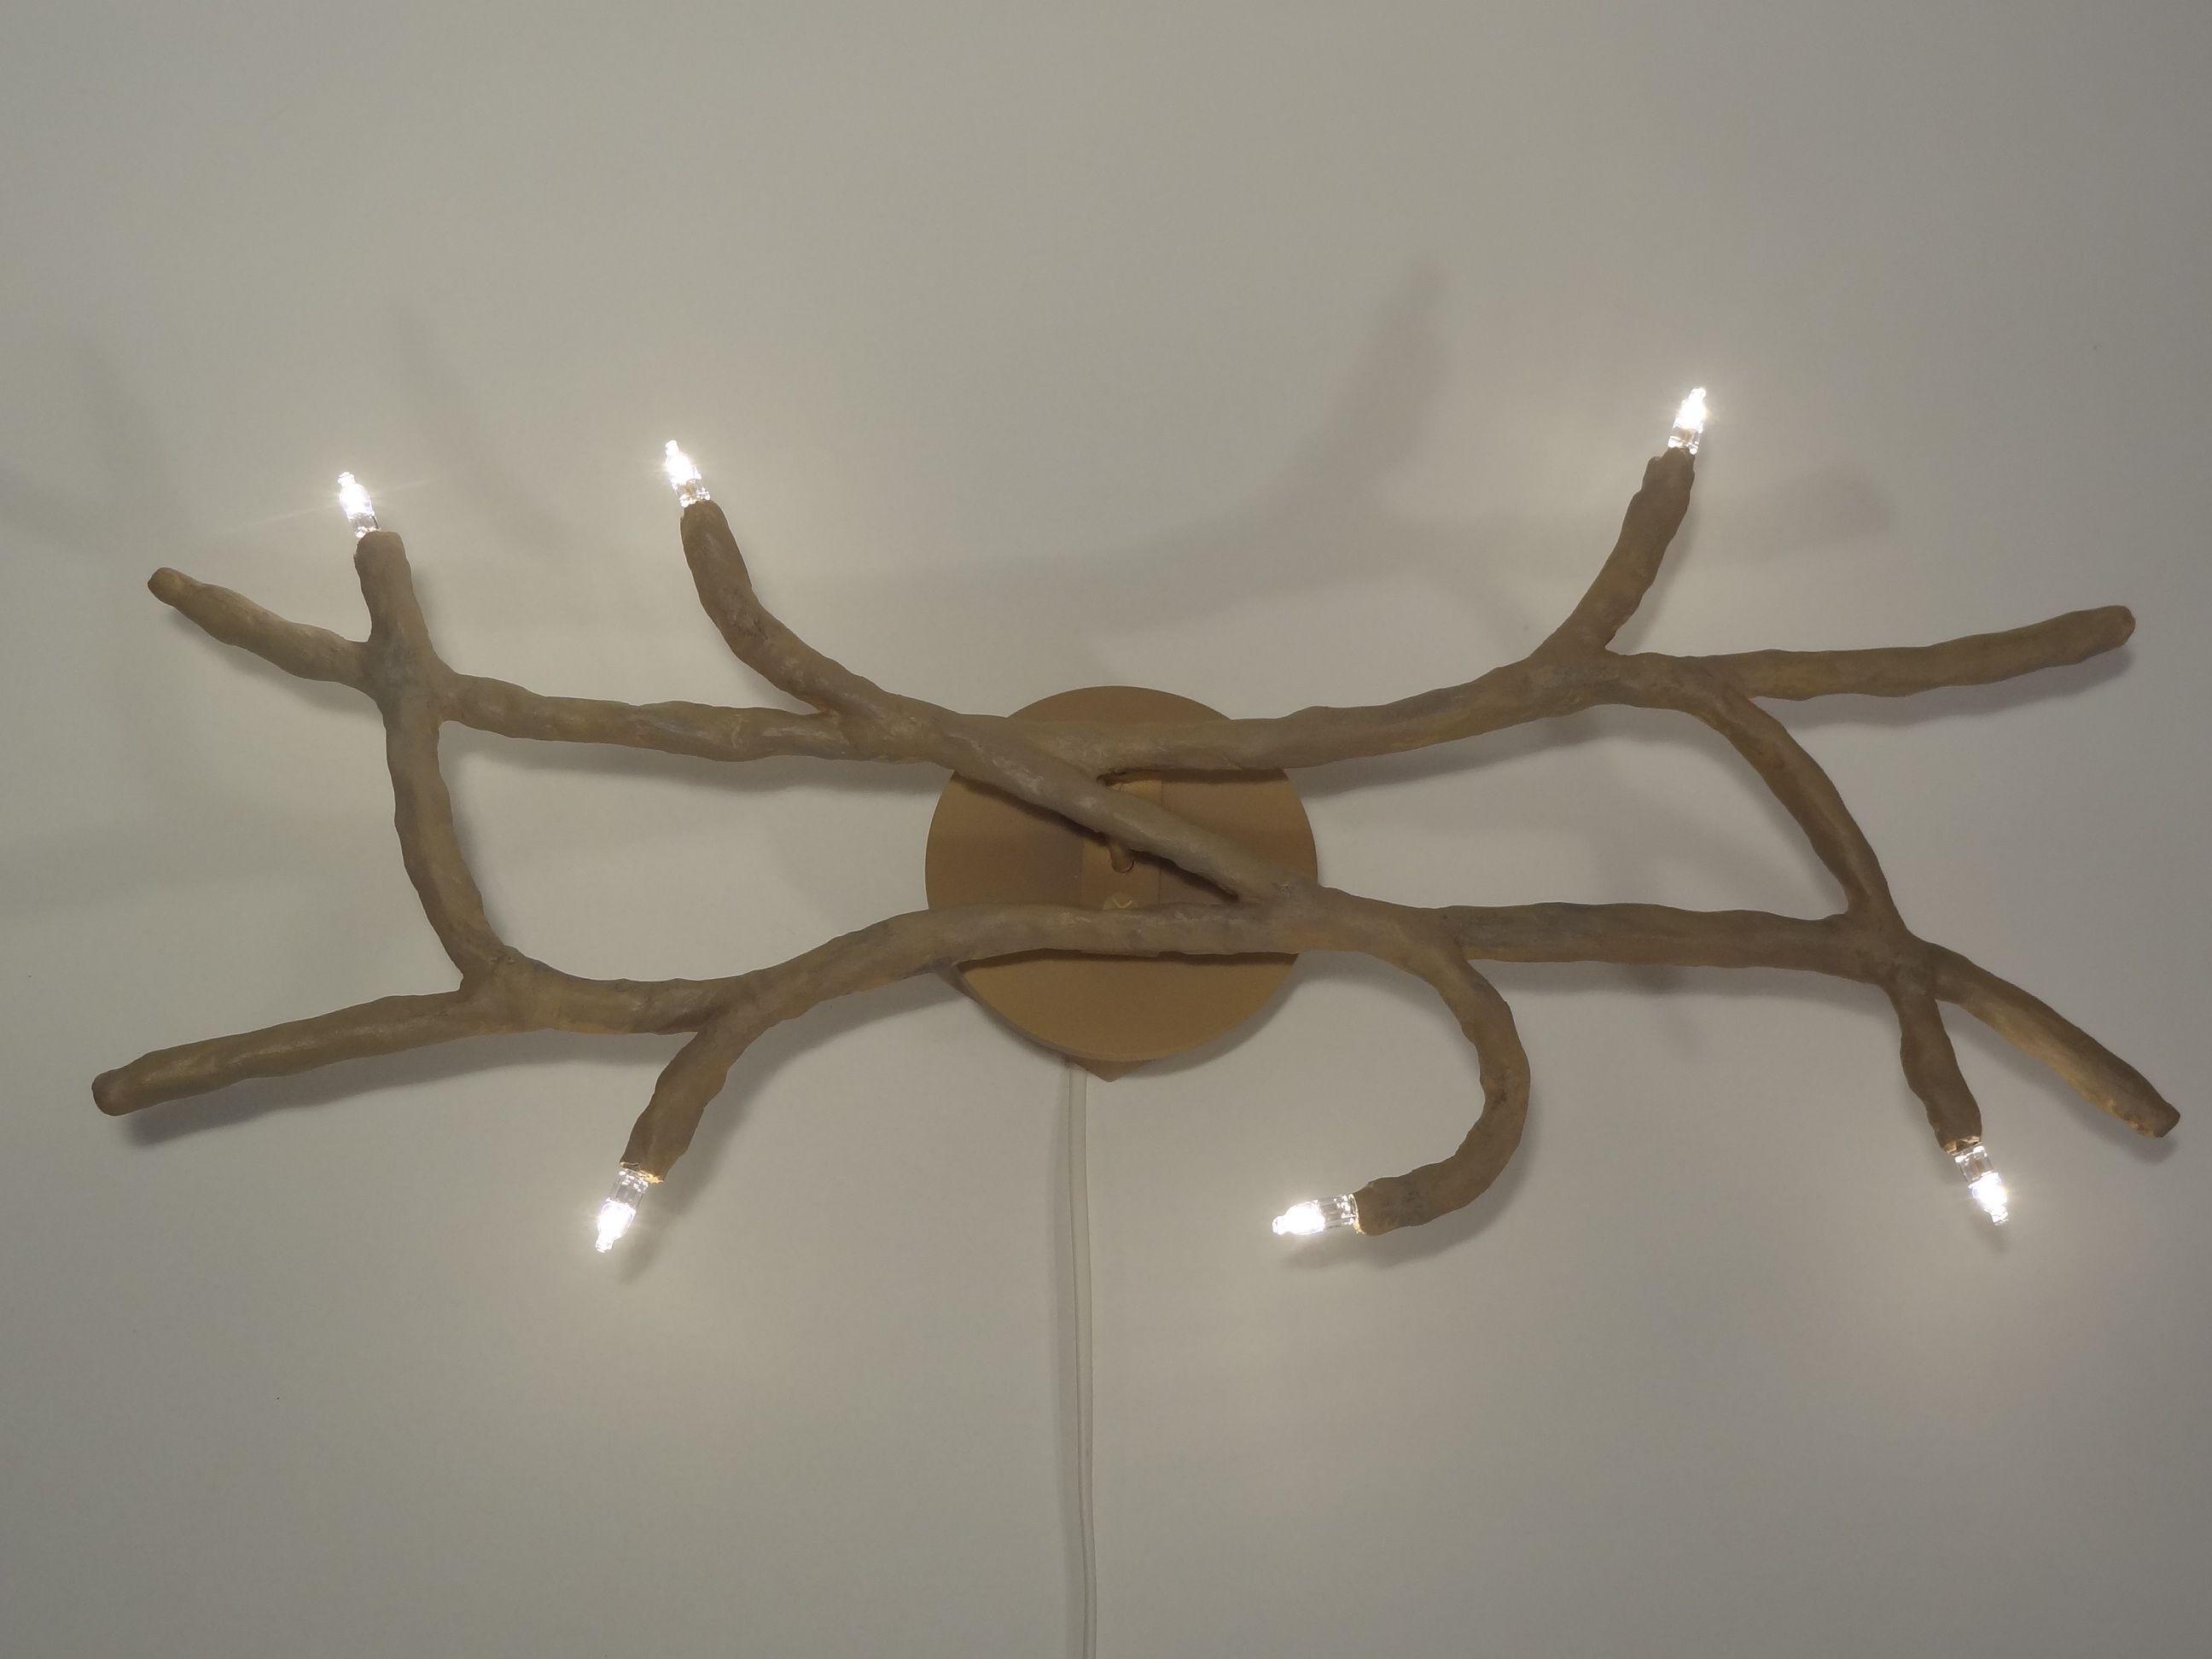 Branche du th me natur la structure m tallique - Applique murale platre ...